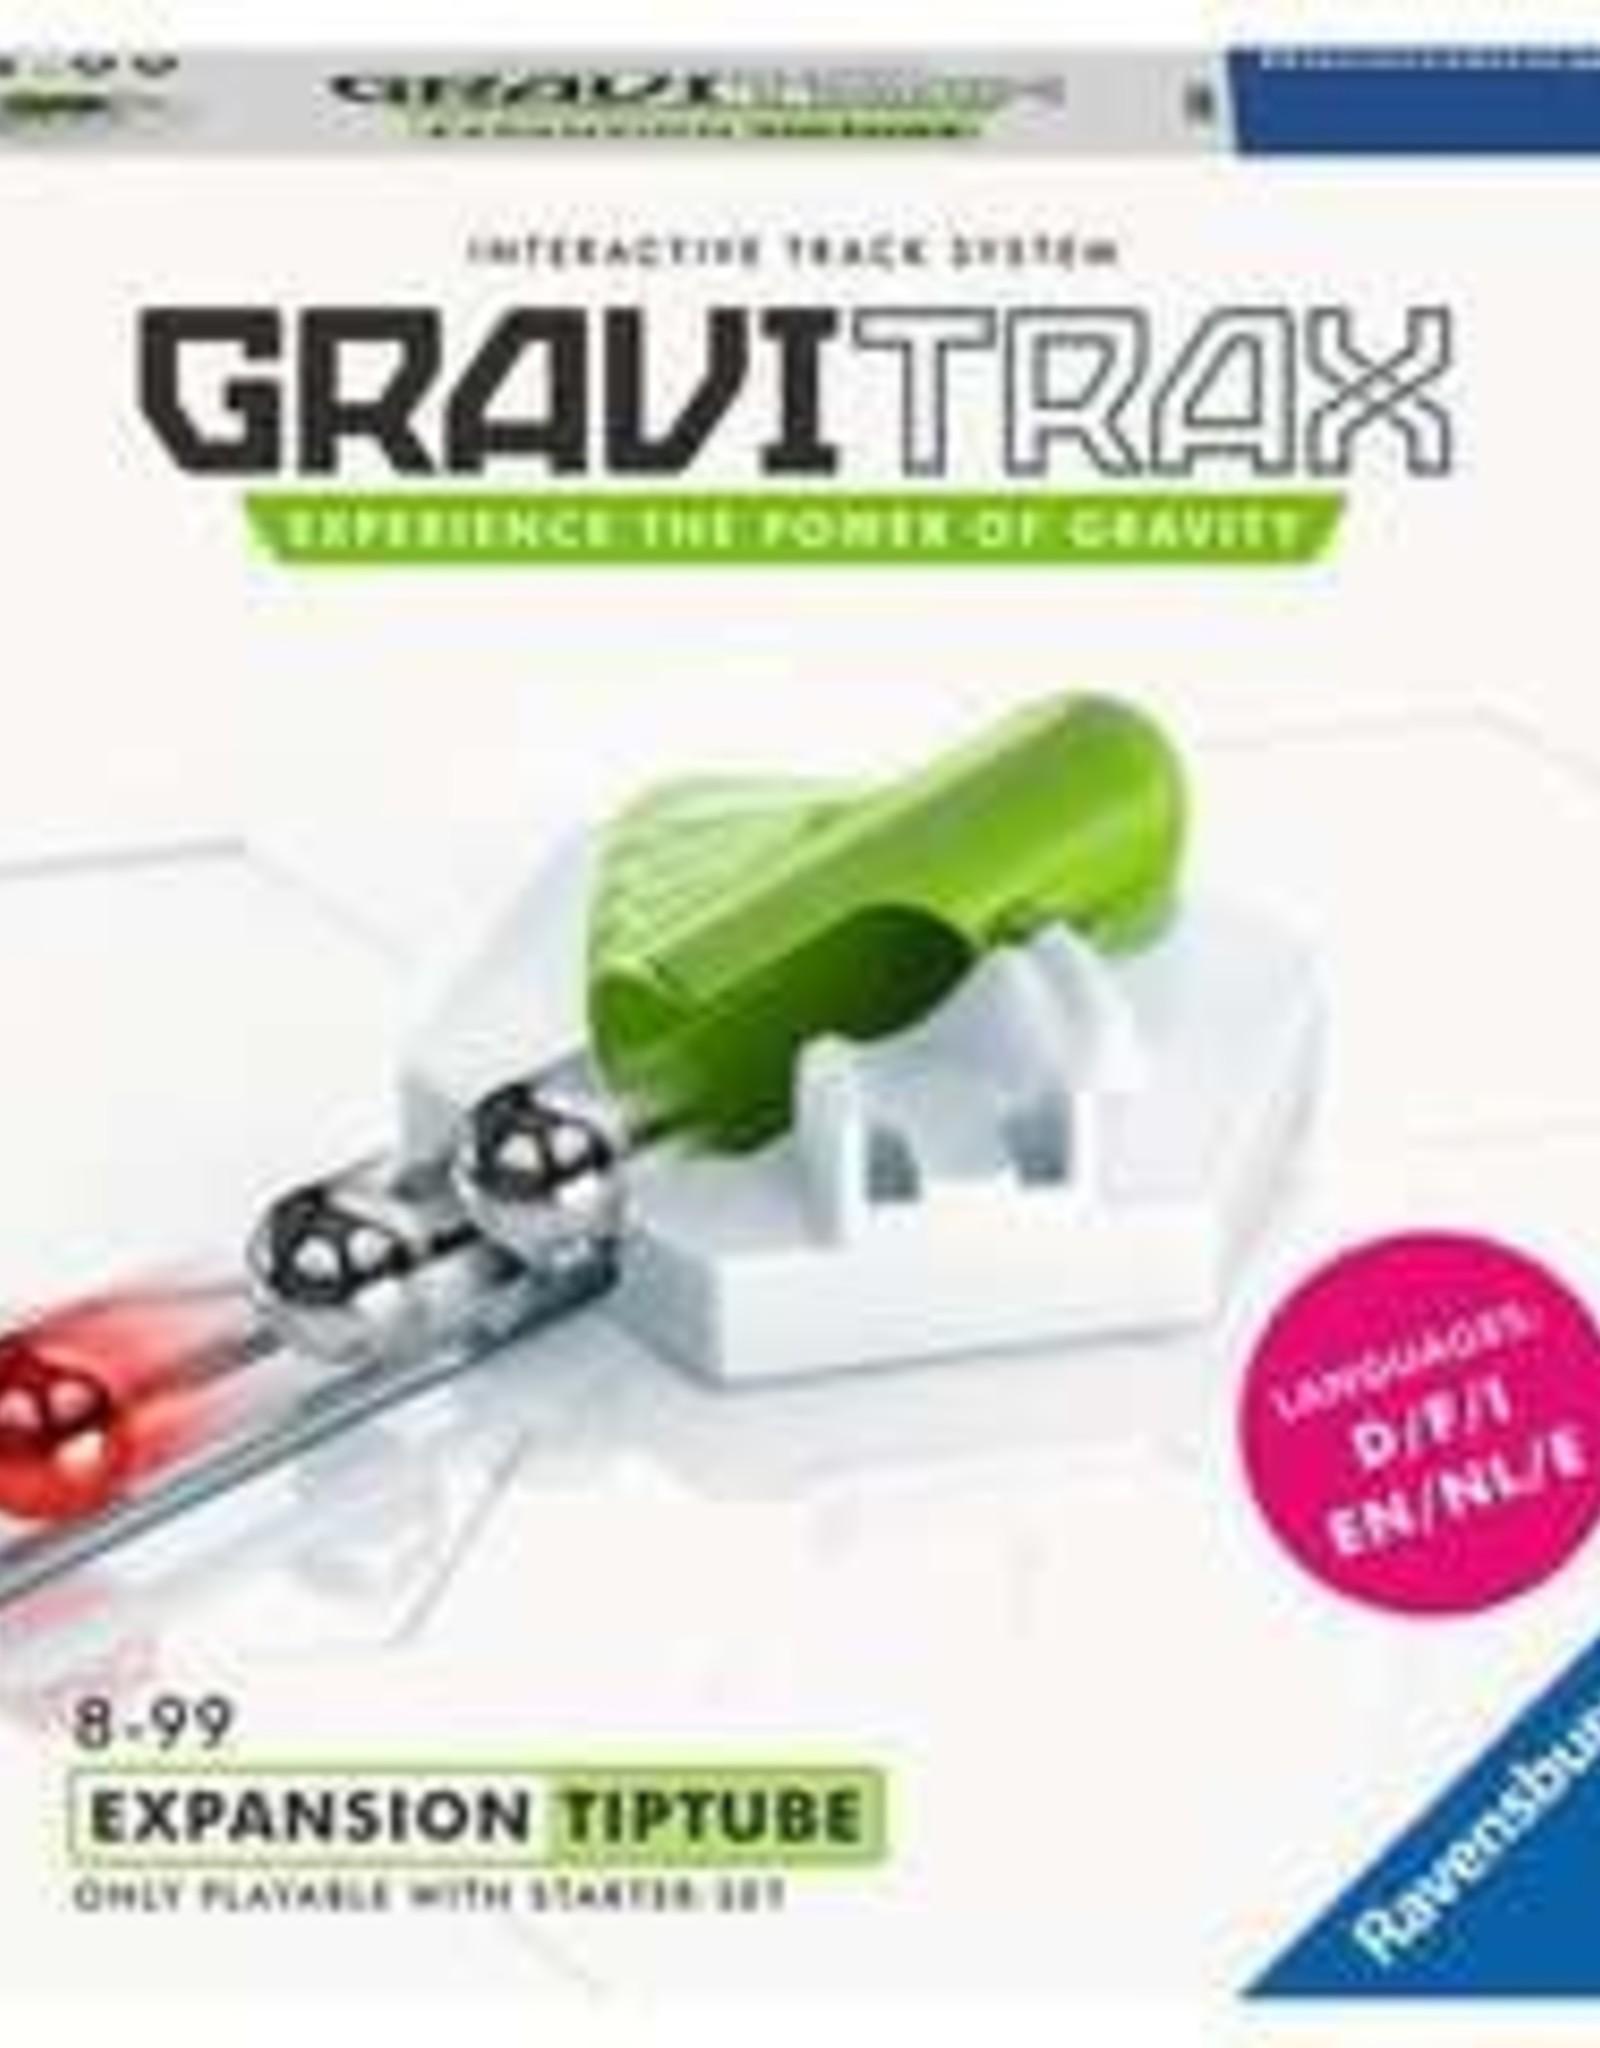 GraviTrax GraviTrax: TipTube Expansion